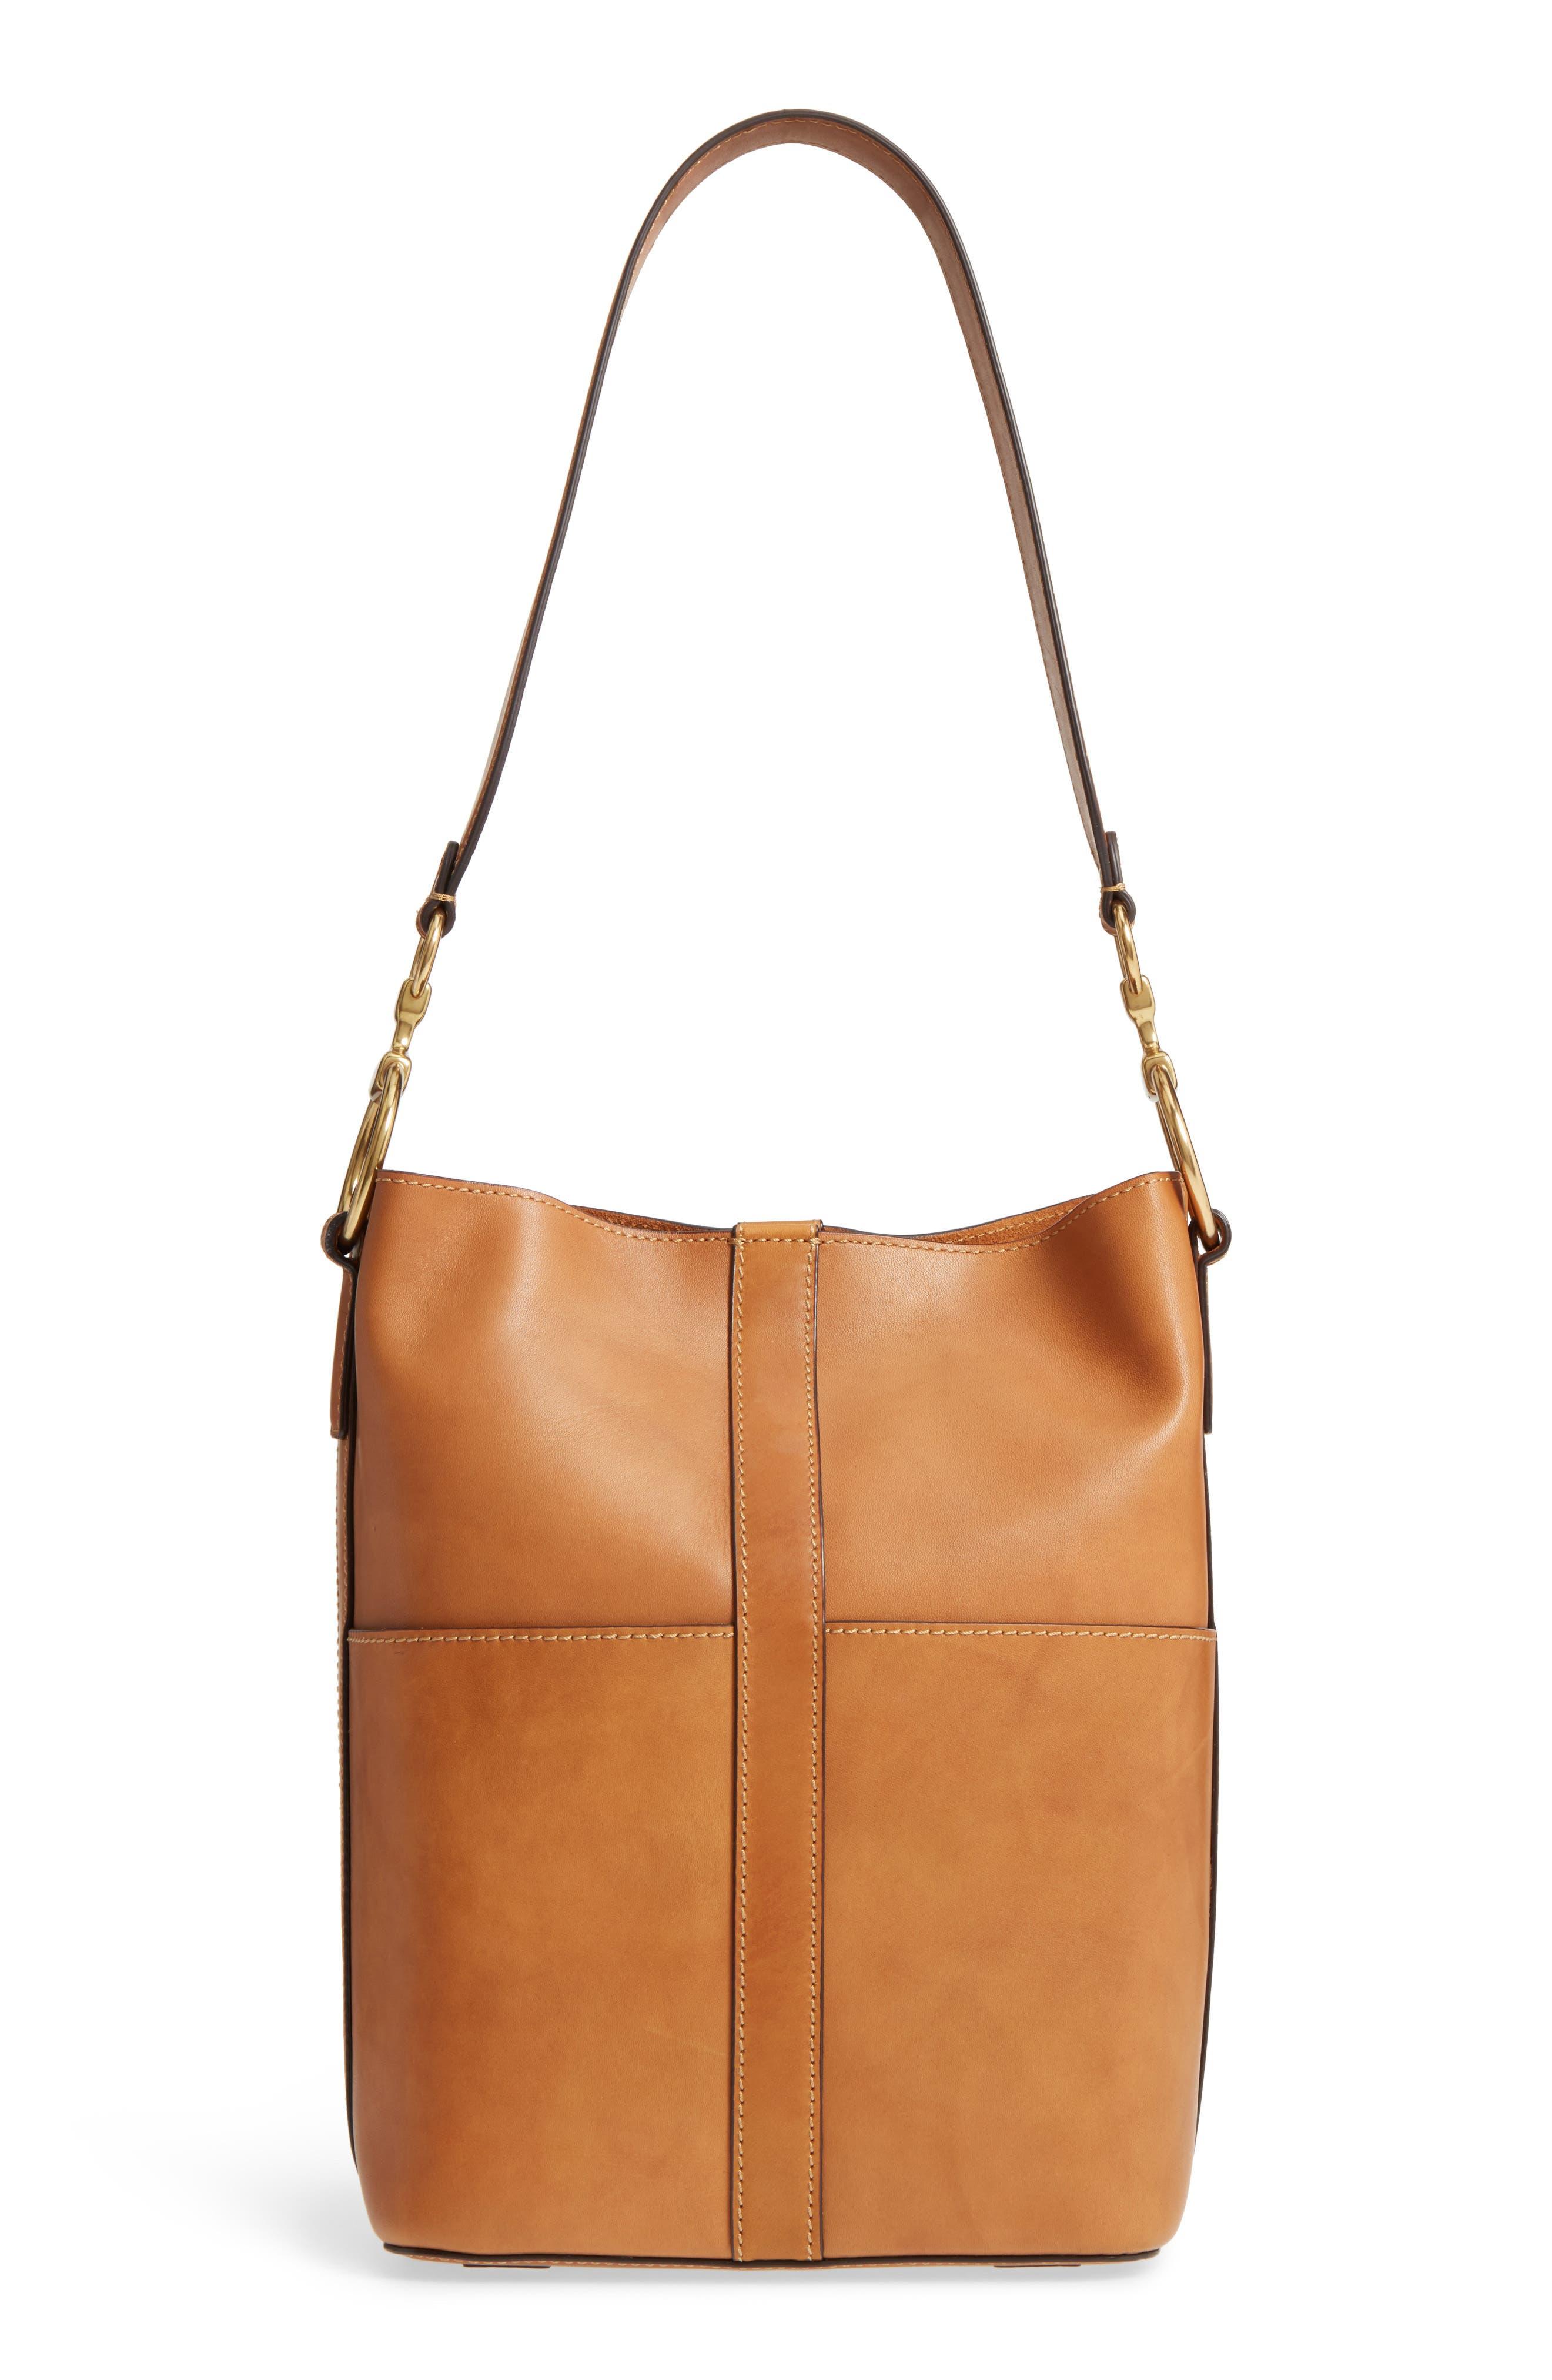 Alternate Image 1 Selected - Frye Ilana Leather Bucket Bag